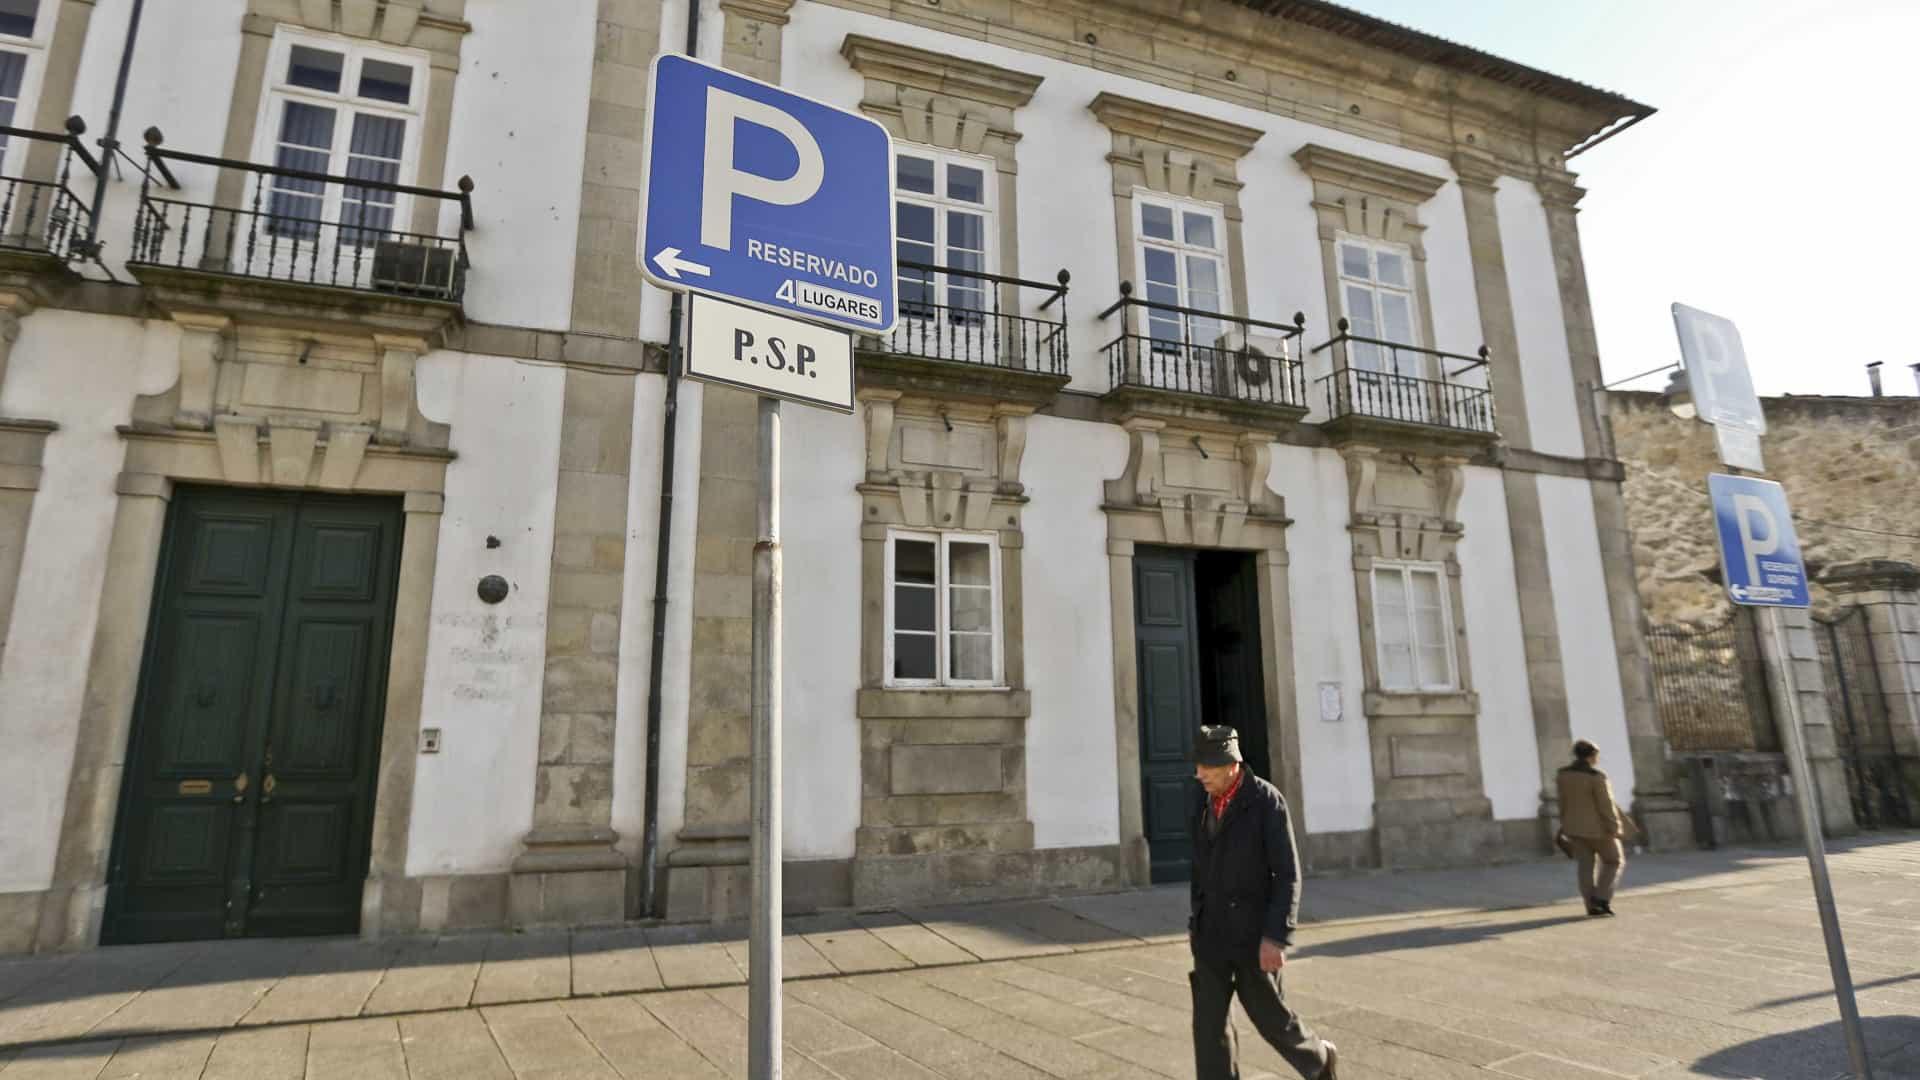 JUSTIÇA - PSP/Braga averigua queixa de violência doméstica contra um dos seus comissários